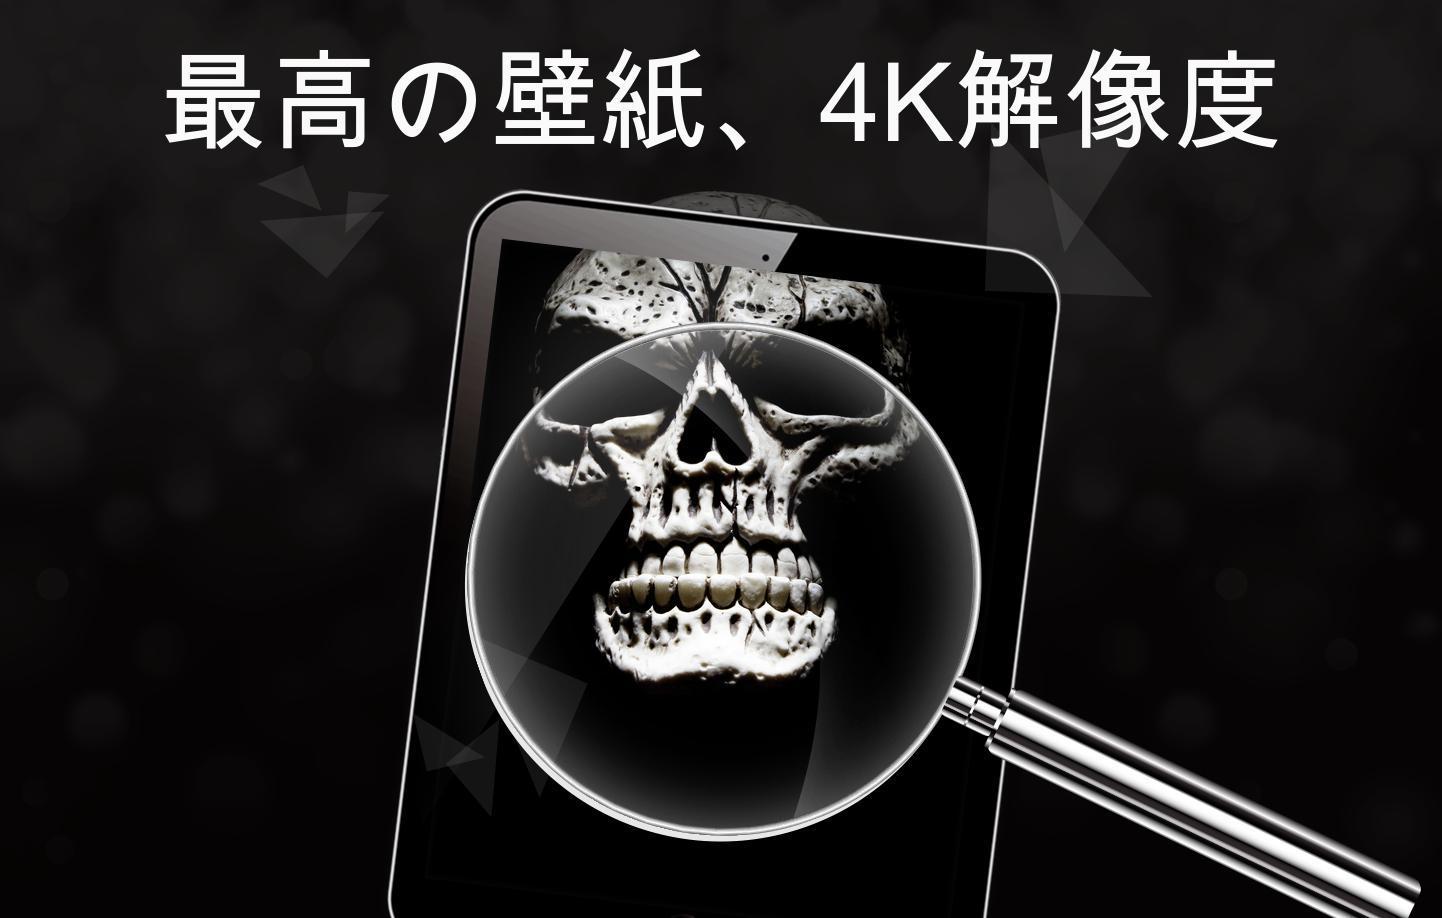 Android 用の スカル壁紙4k Apk をダウンロード